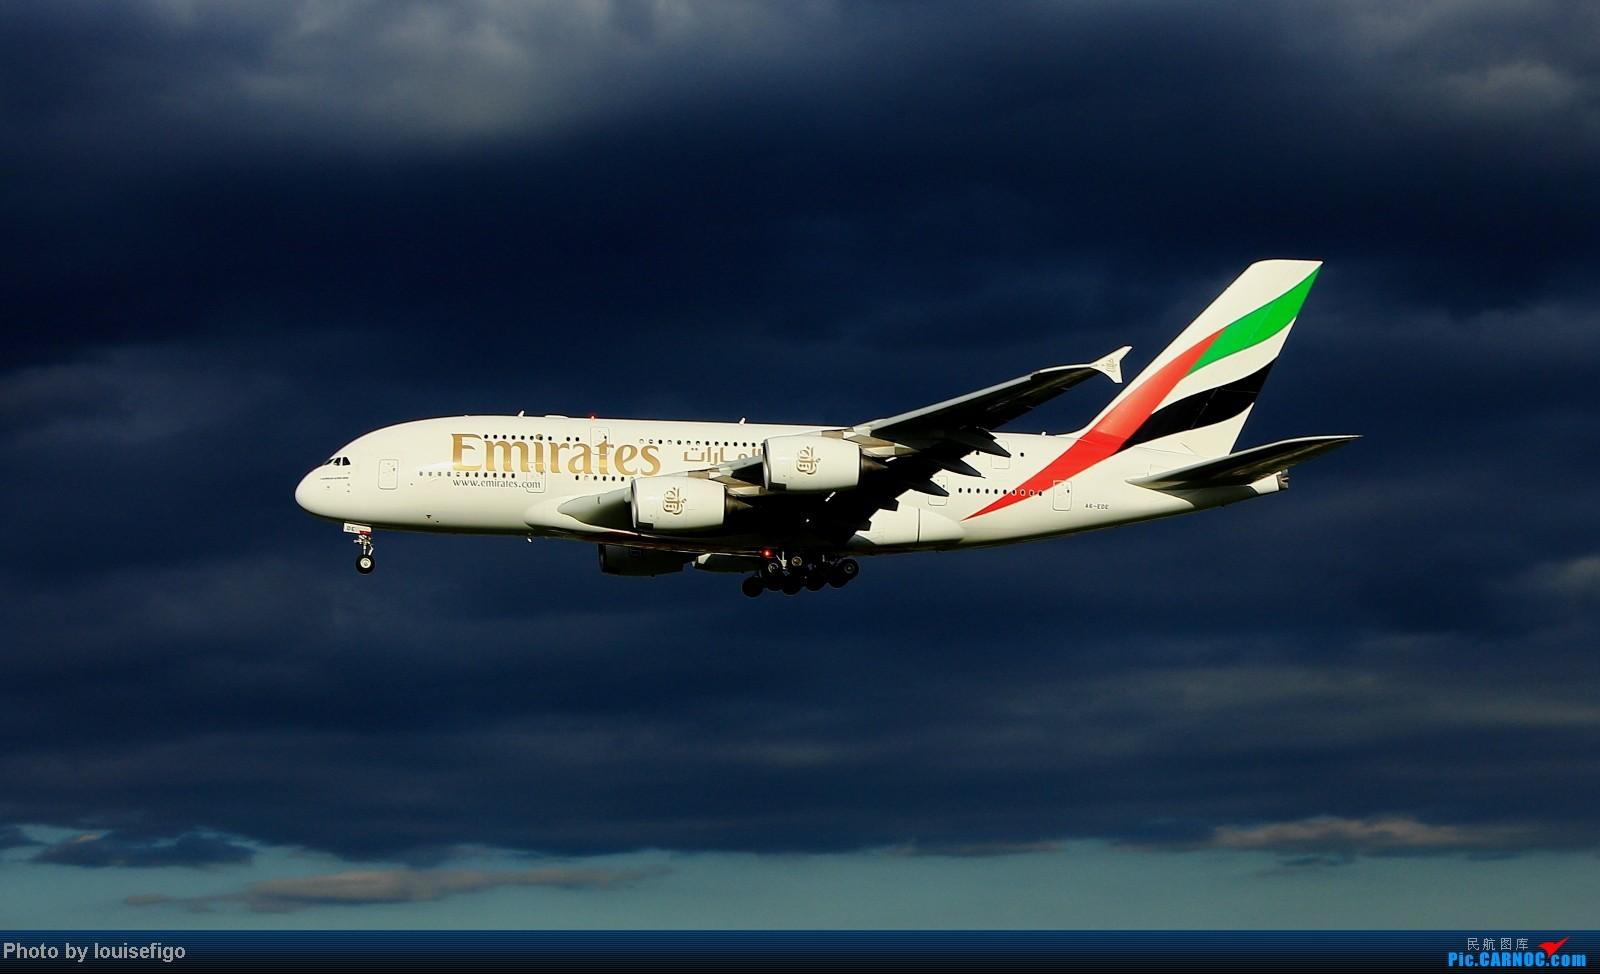 [原创]【一图党】!FLY EMIRATES A380-800 一张!就一张!妖光魅影,敬请欣赏! AIRBUS A380-800 A6-EDE 北京首都国际机场